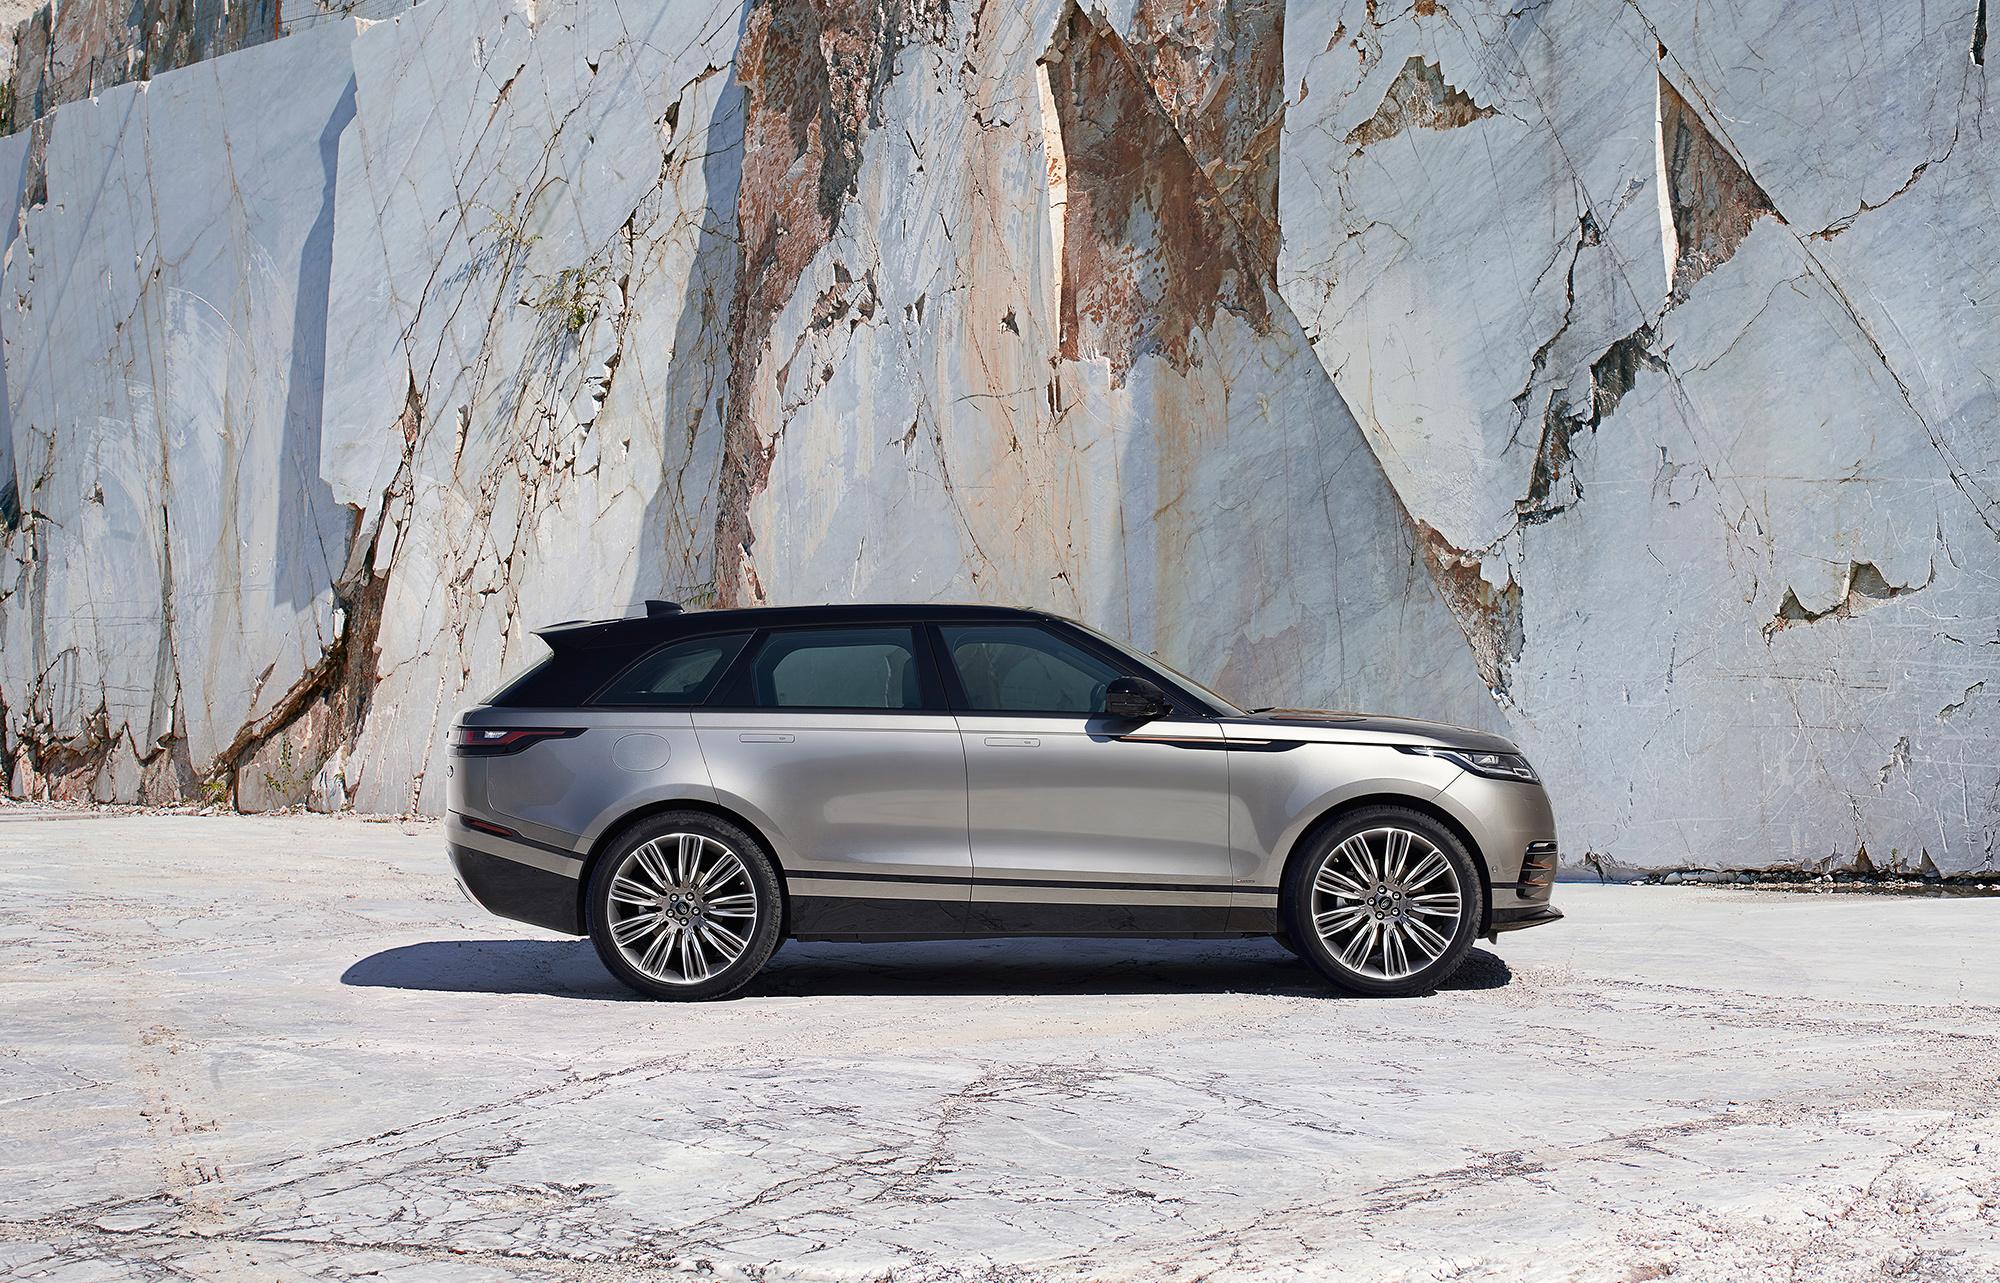 Range Rover Velar Wallpapers HD